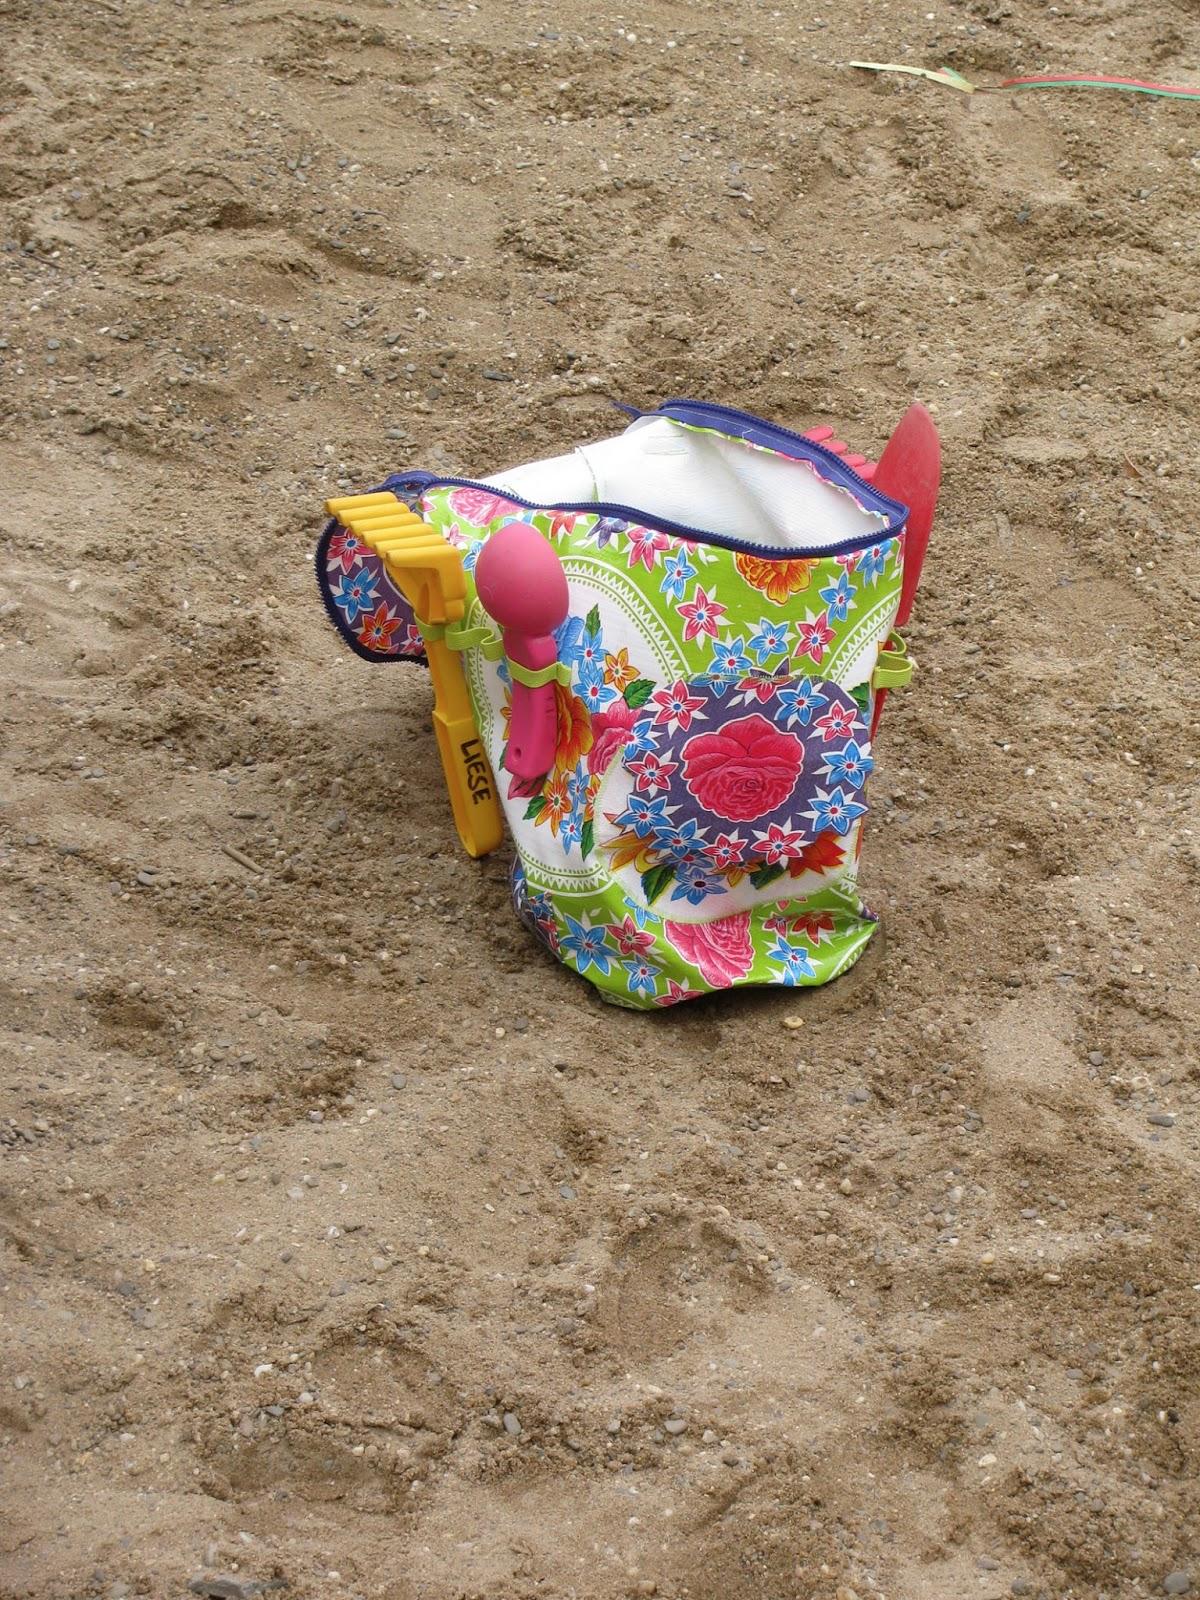 Tasche für Sandspielzeug mit Gummiband zum Einstecken von Schaufeln